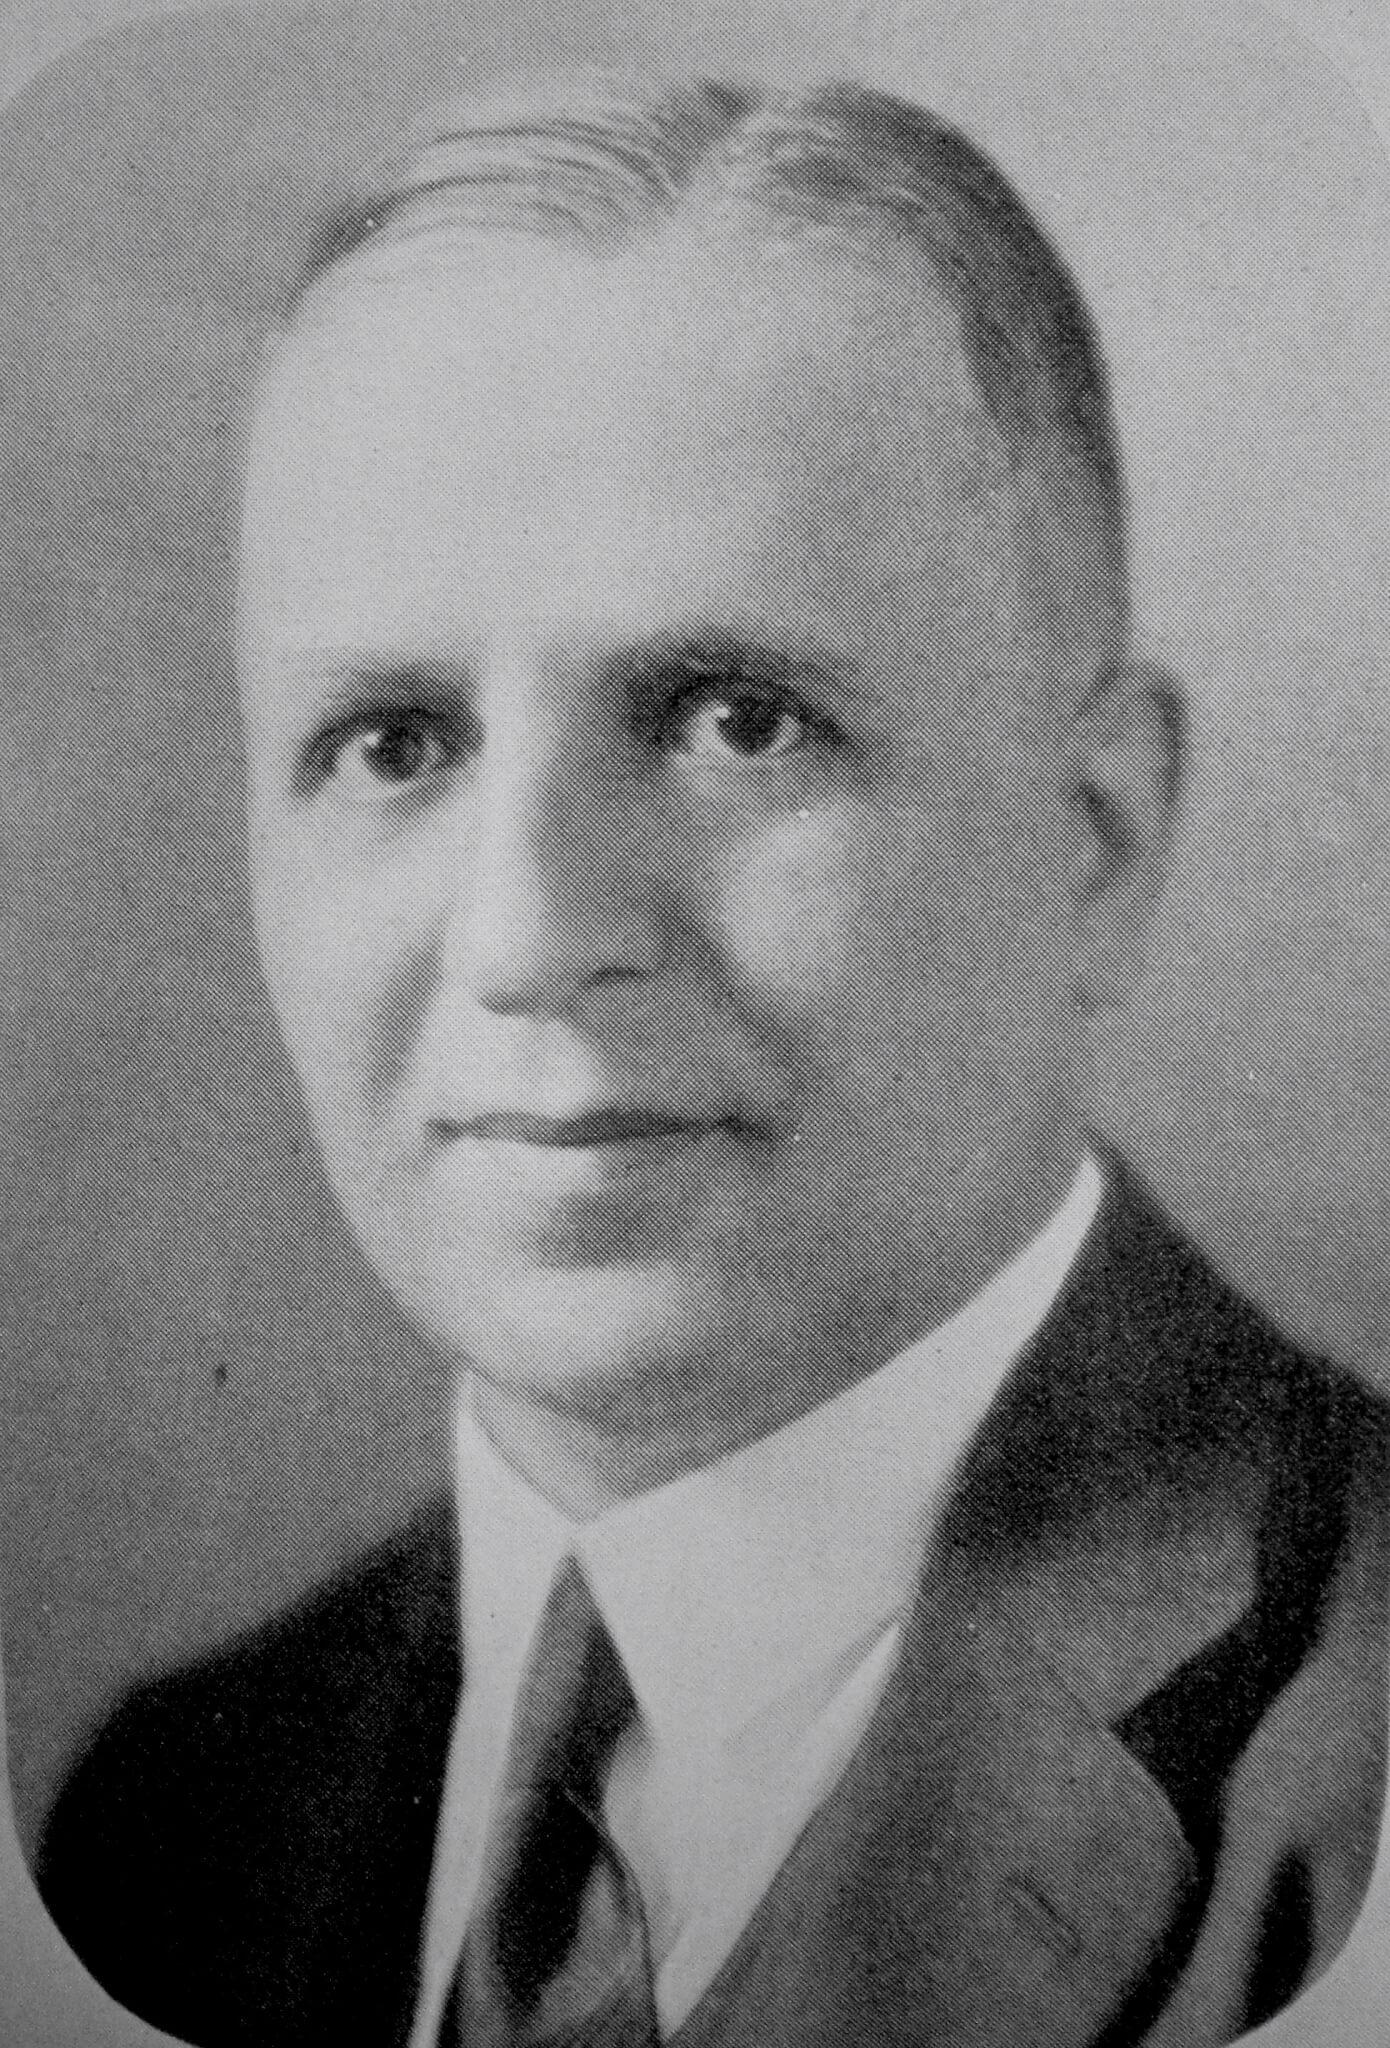 Faik Konica October 1926_The Mayflower log